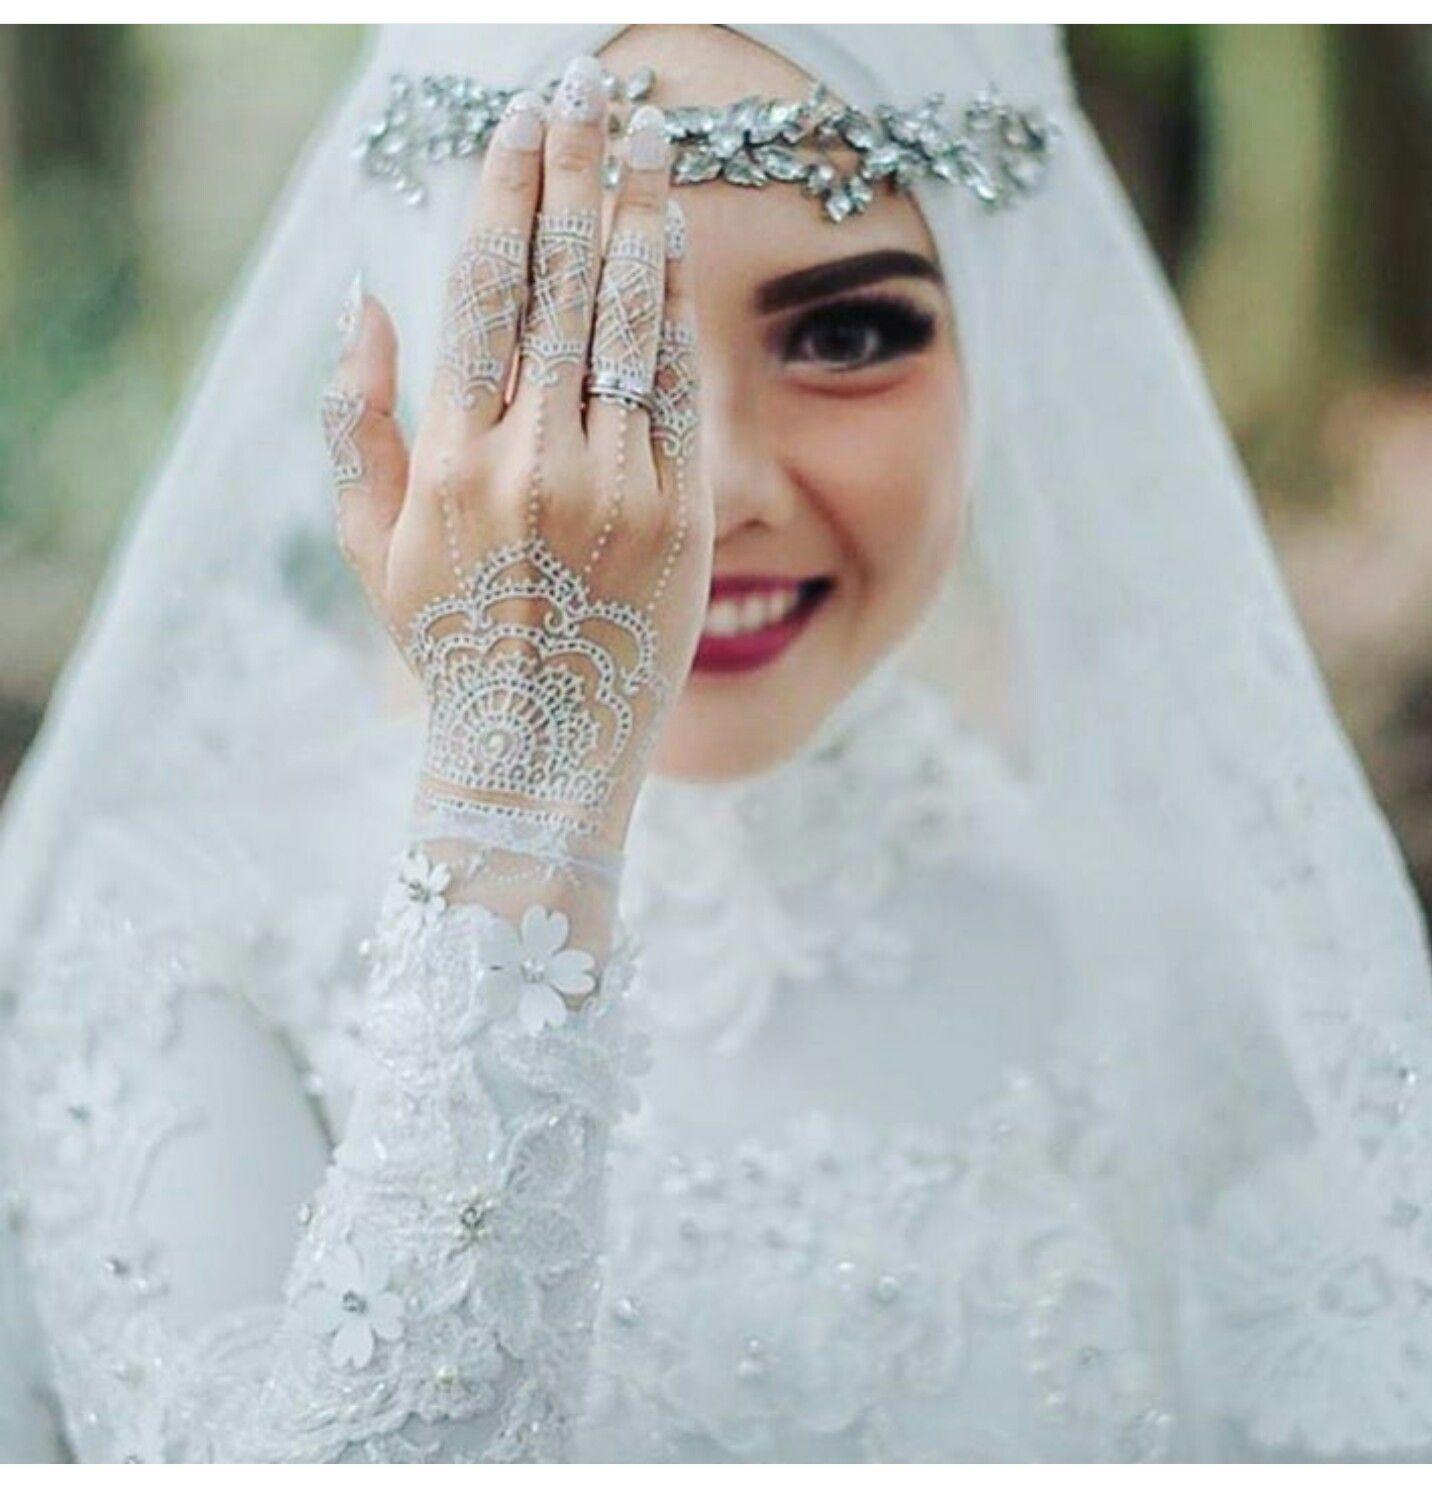 Ортодоксальные семьи девушки могут делать яркий макияж на большие праздники, например, на собственную свадьбу